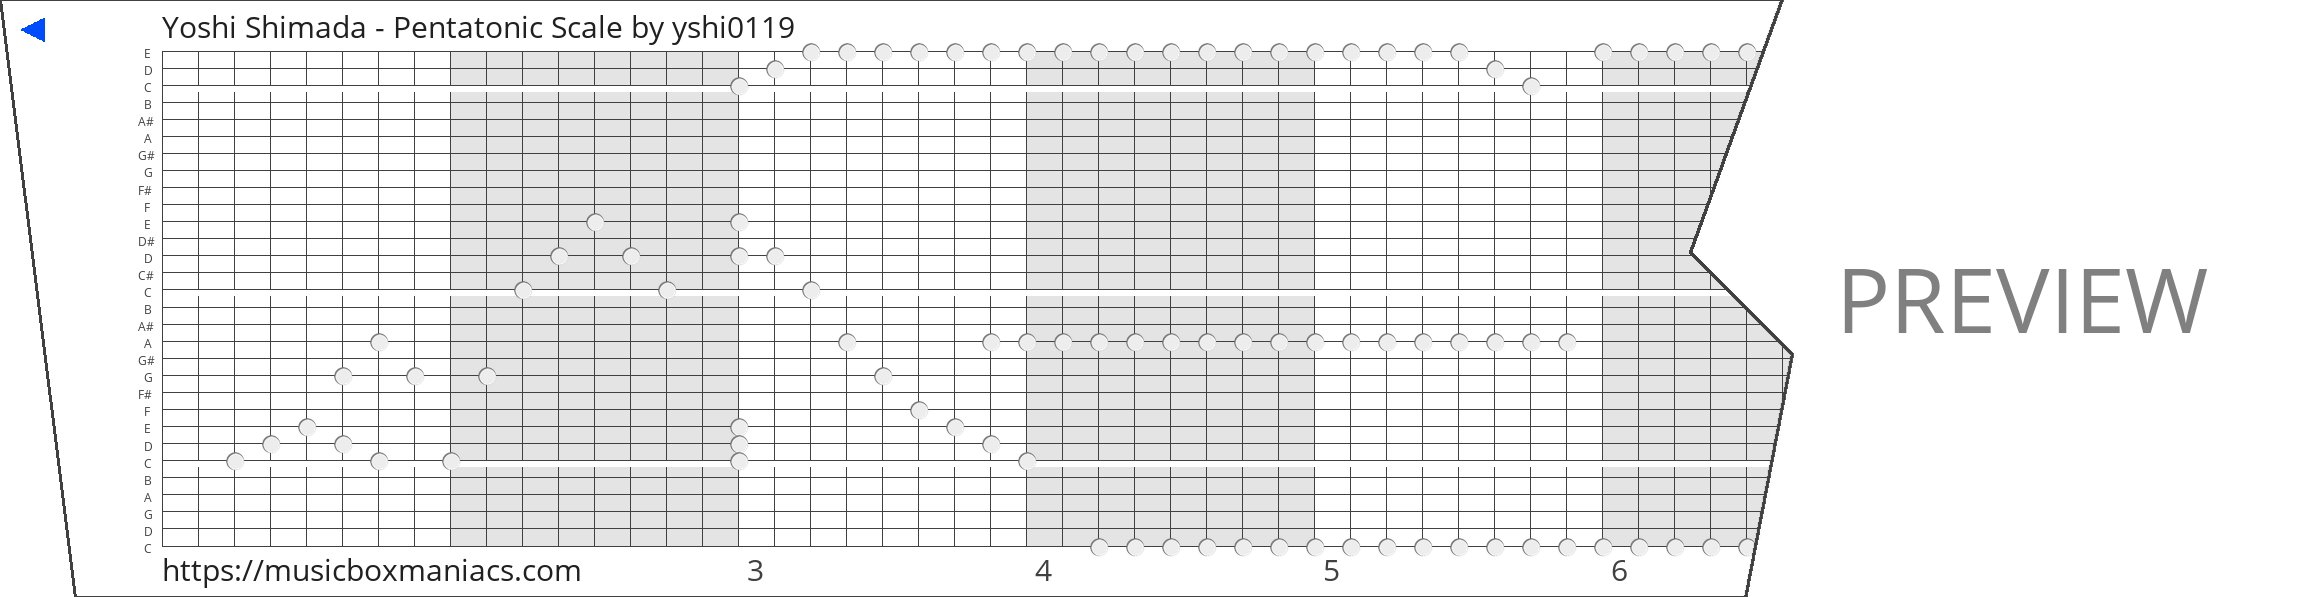 Yoshi Shimada - Pentatonic Scale 30 note music box paper strip